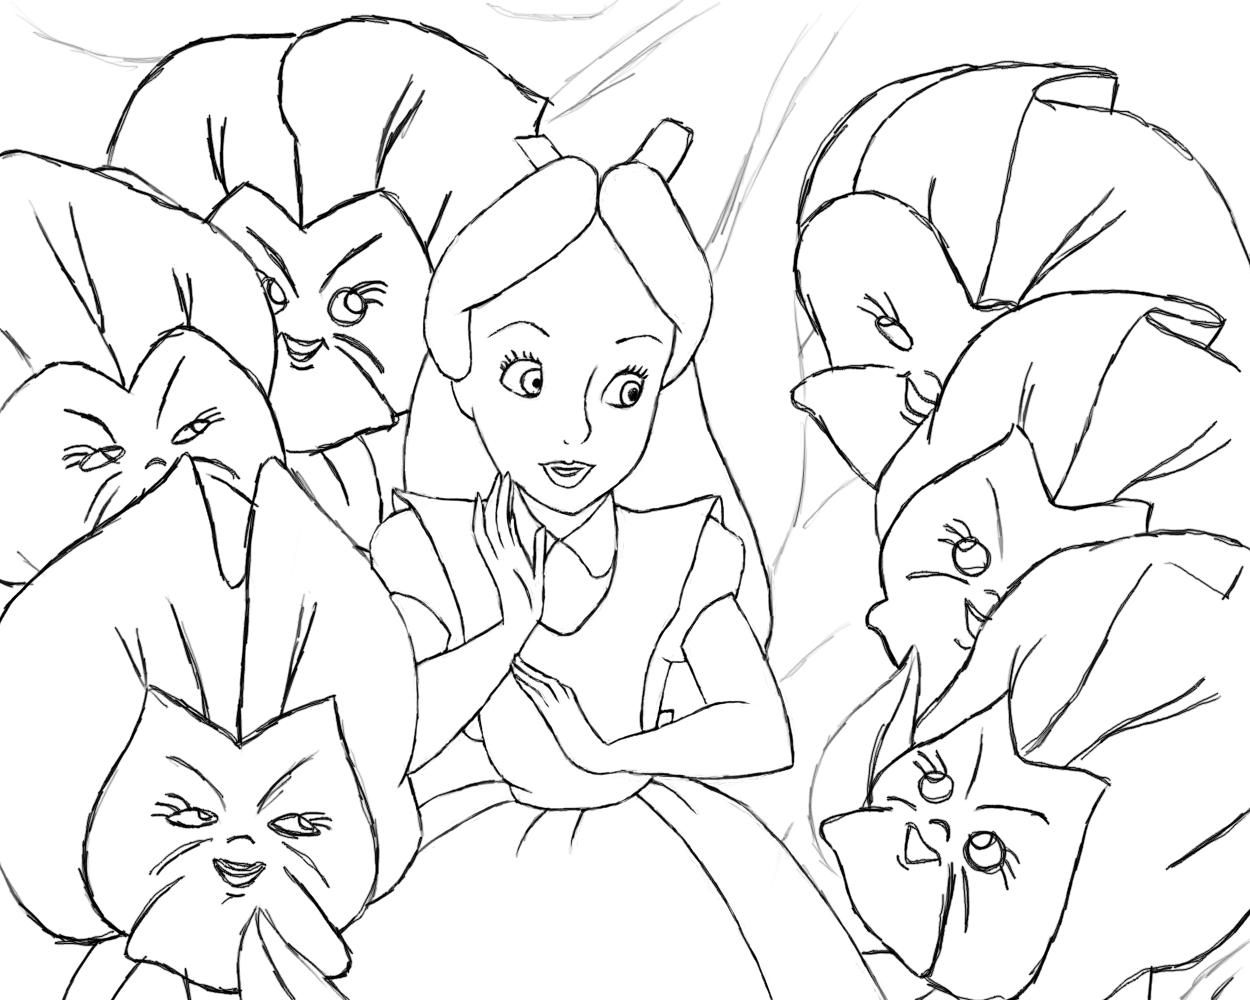 1250x1000 Alice In Wonderland Lineart By Naopanda